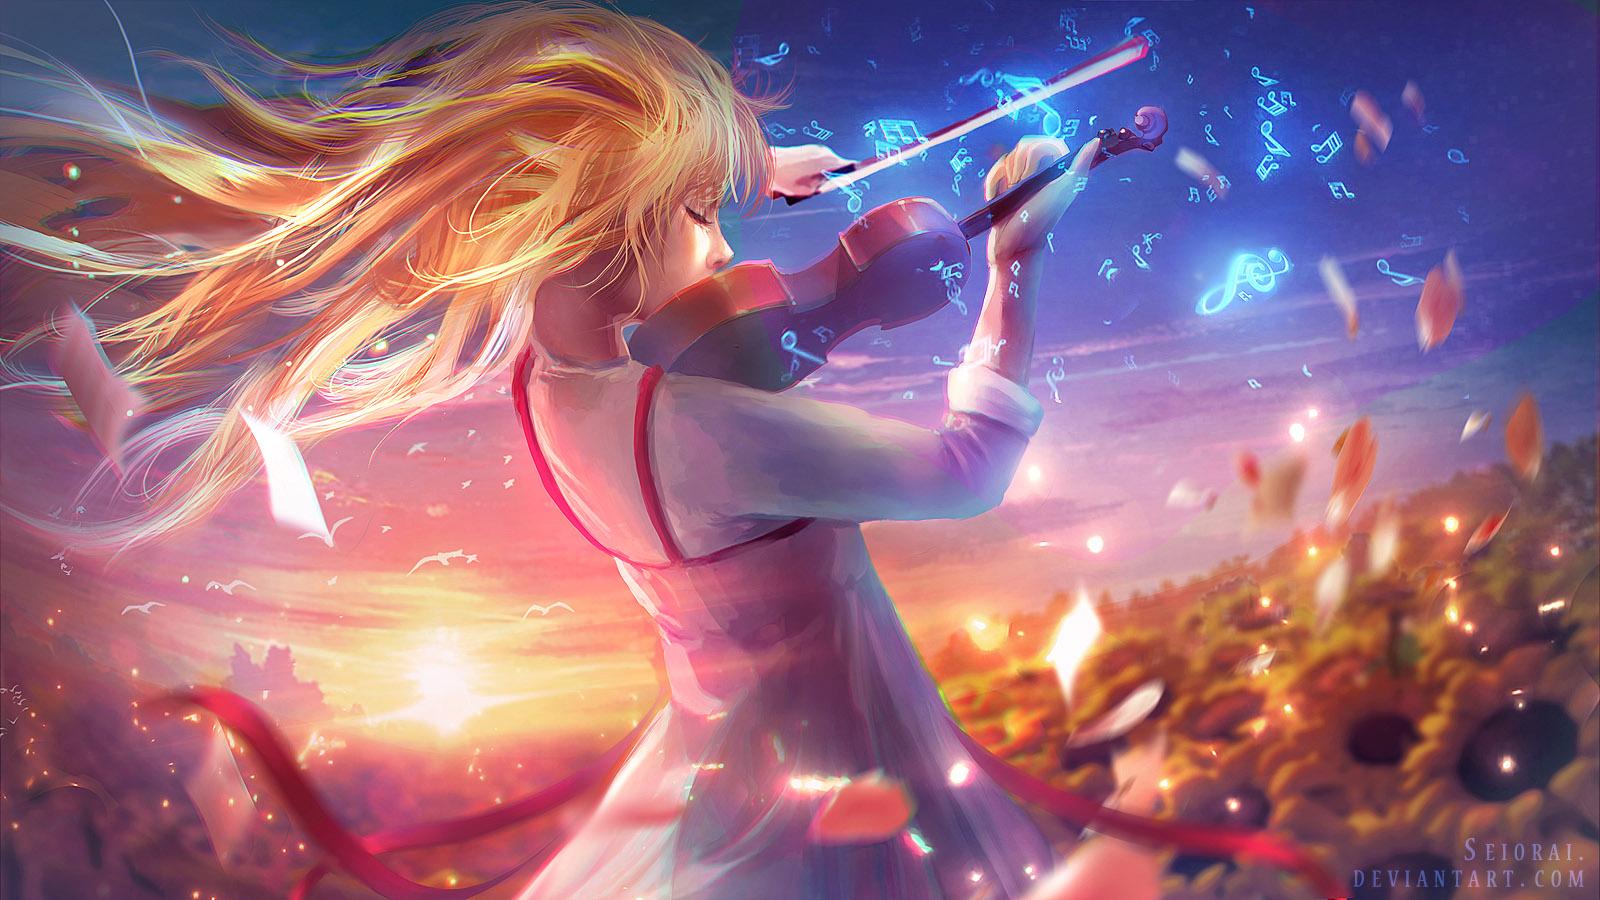 Wallpaper Shigatsu Wa Kimi No Uso Miyazono Kaori Sky Blond